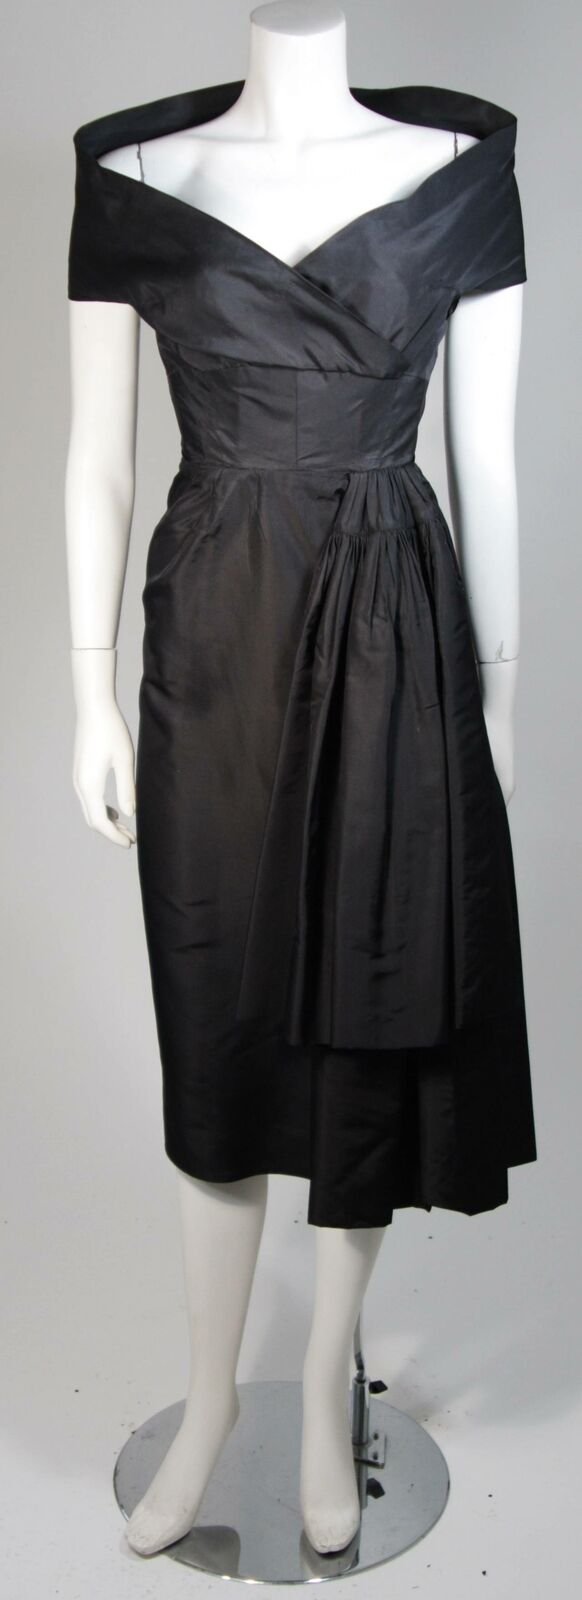 CEIL CHAPMAN  Black Cocktail Dress with Draped De… - image 2